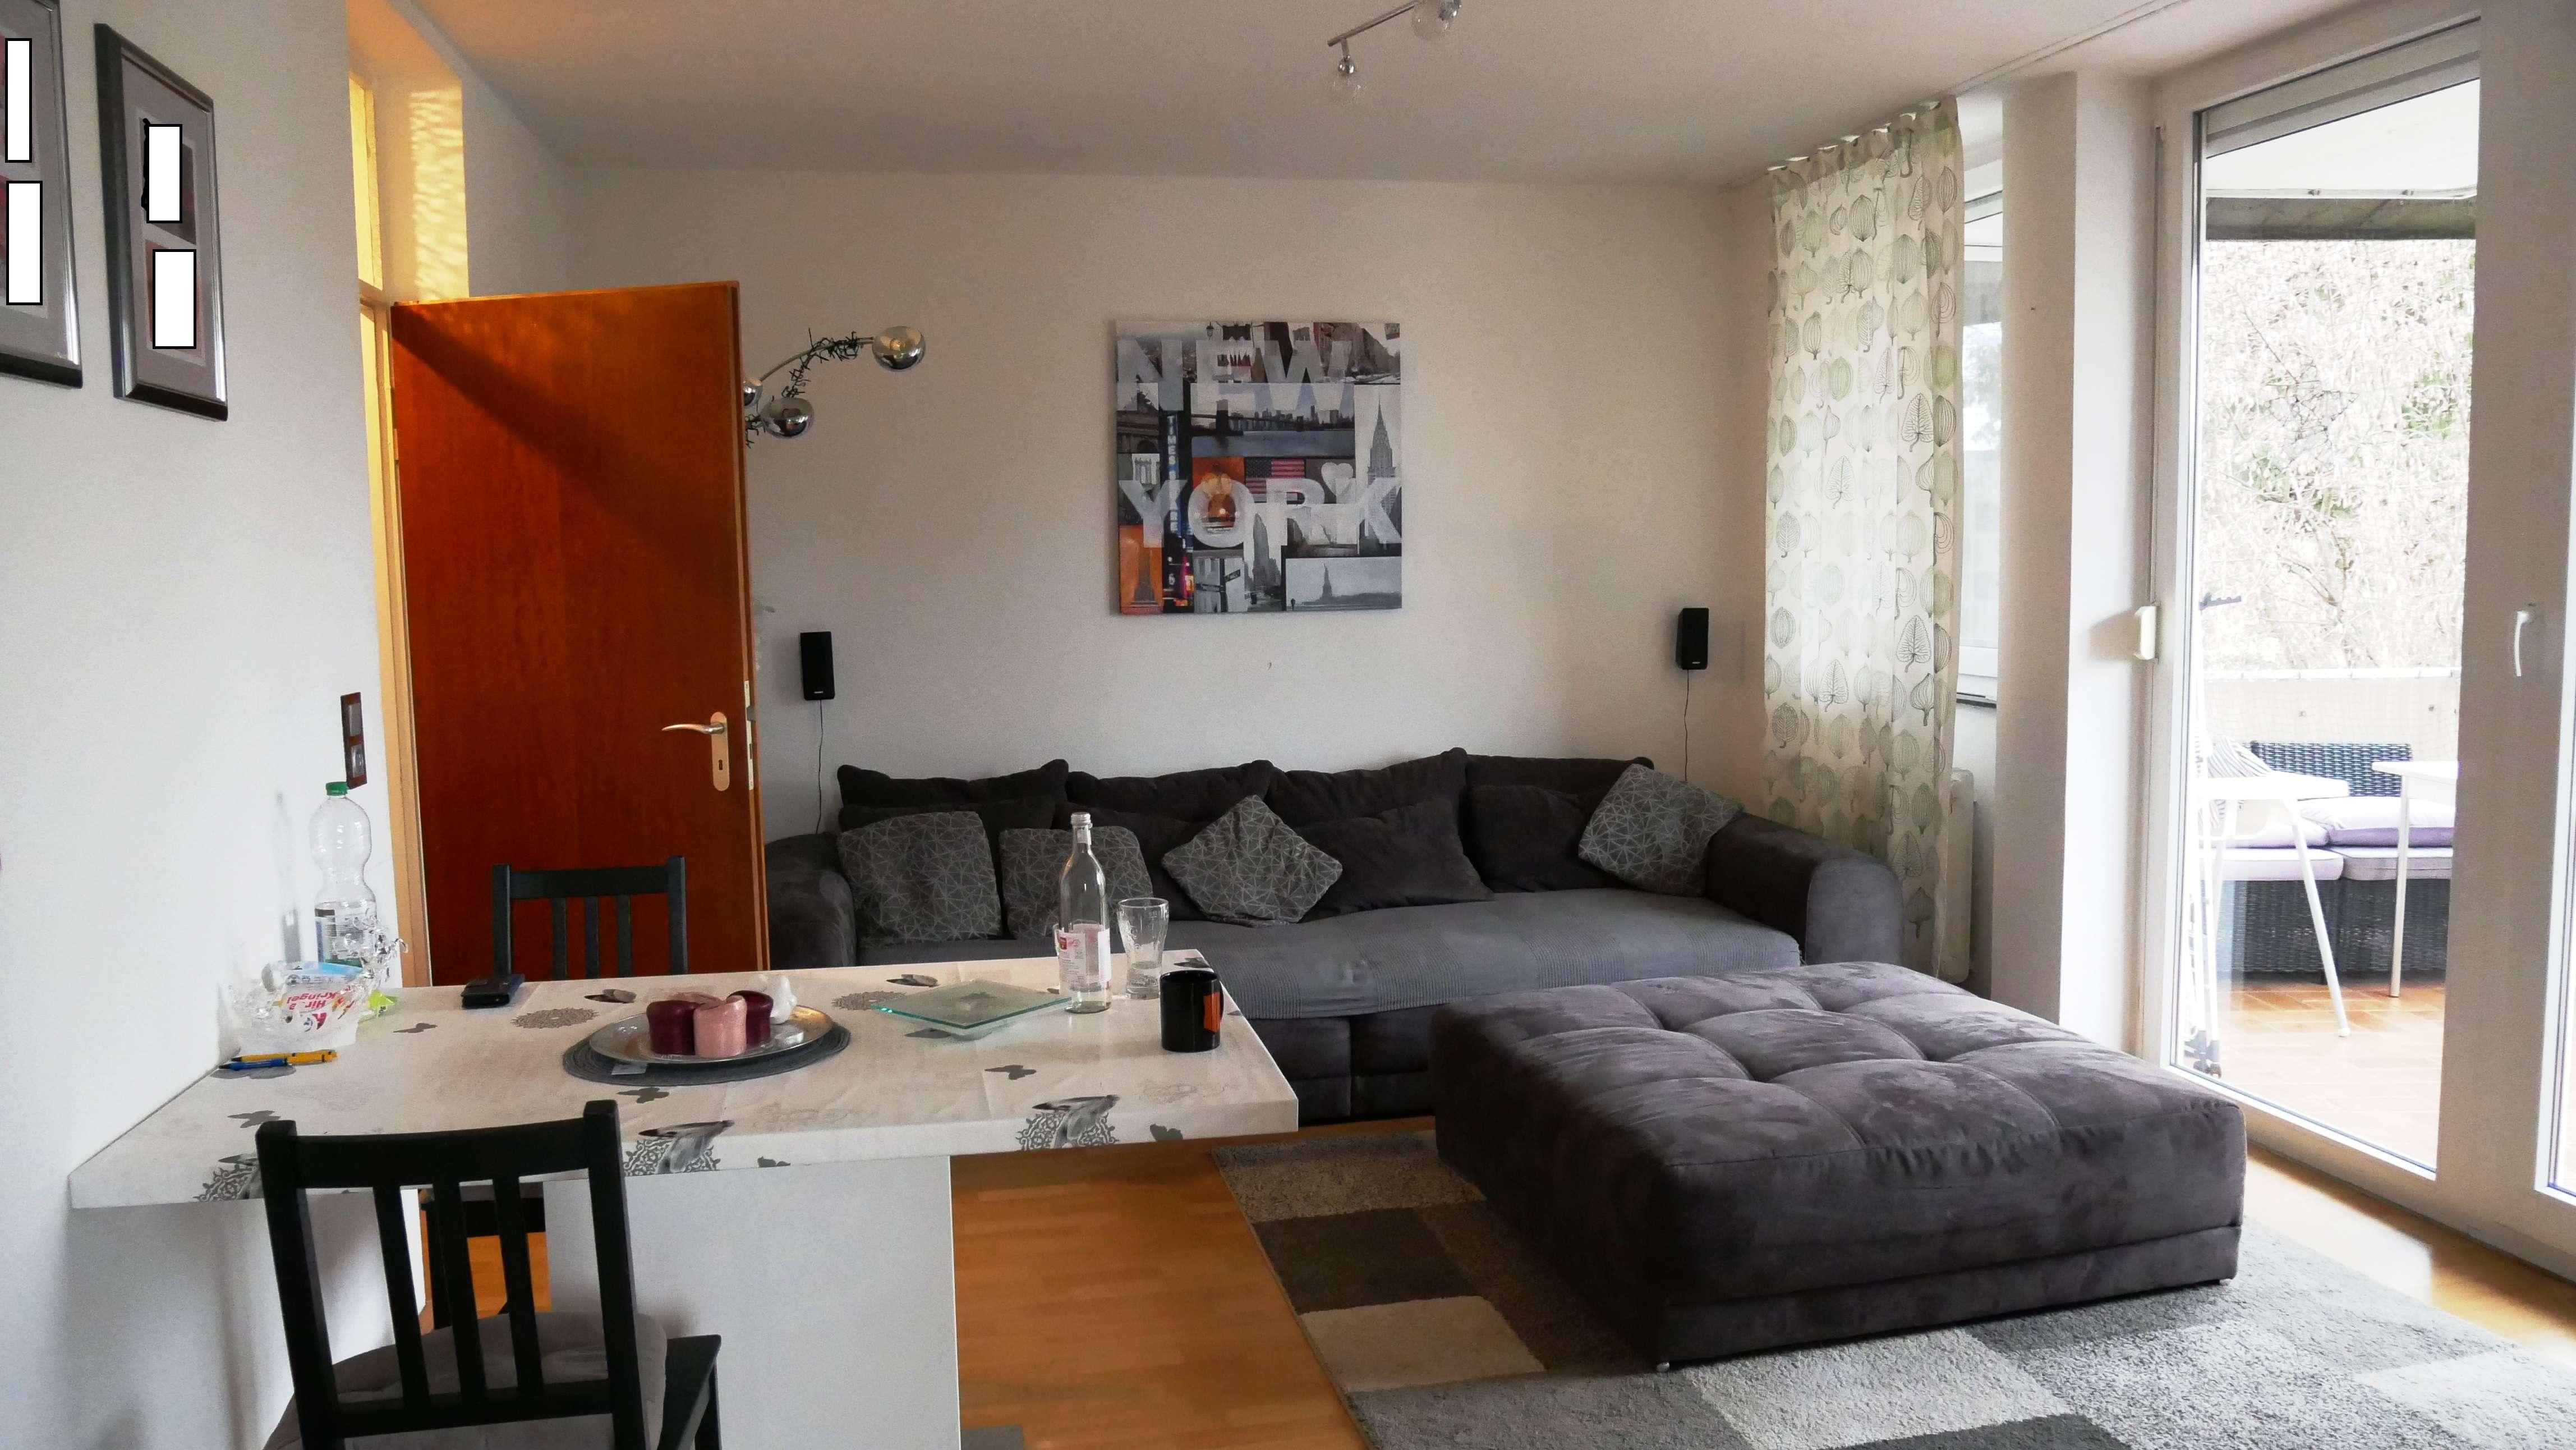 N-Sündersbühl Sehr schöne, gemütliche 3-Zimmer Wohnung in gepflegtem Renovierungszustand mit Loggia in St. Leonhard (Nürnberg)